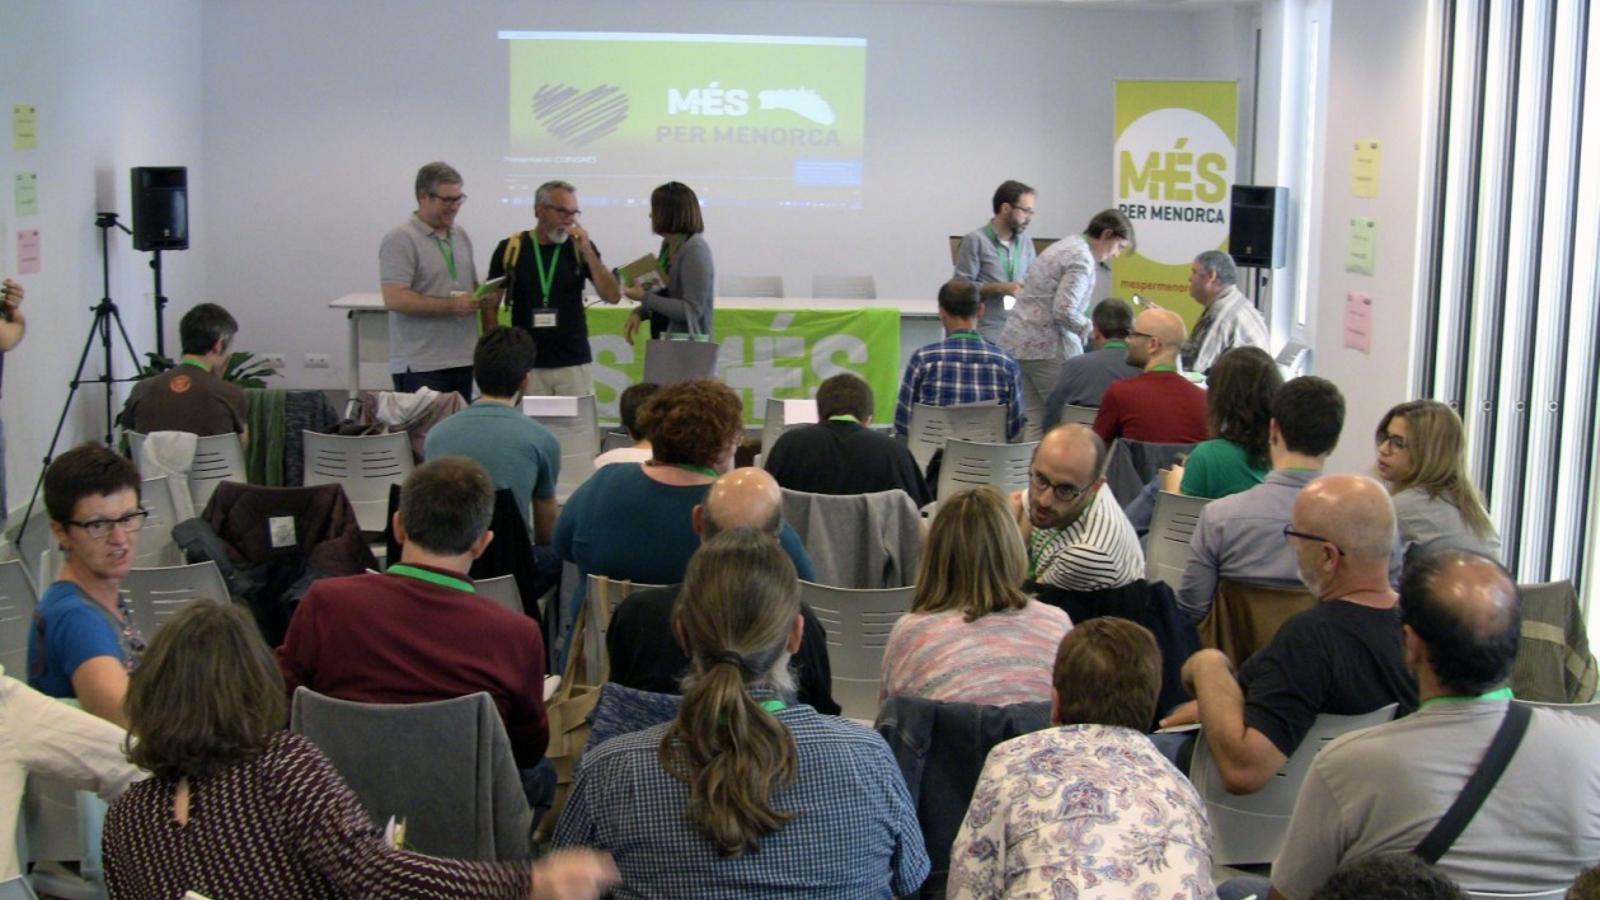 La formació menorquinista viu avui una jornada interna de democràcia que marcarà el futur polític pels pròxims 4 anys.